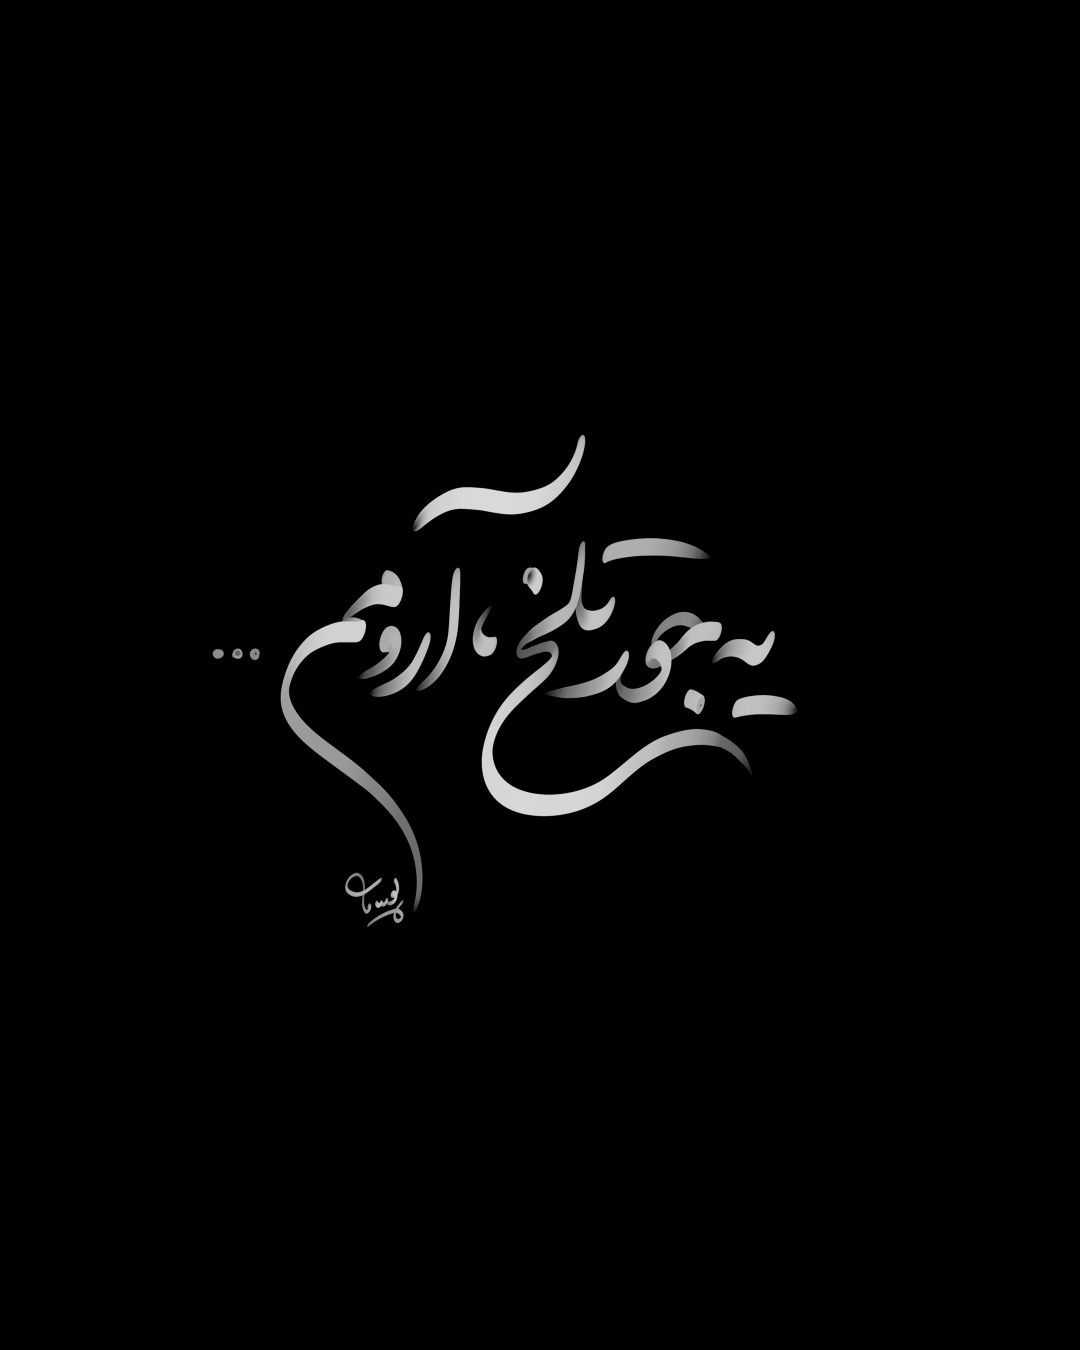 یه جور تلخ ارومم Farsi Calligraphy Persian Calligraphy Tattoo Persian Calligraphy